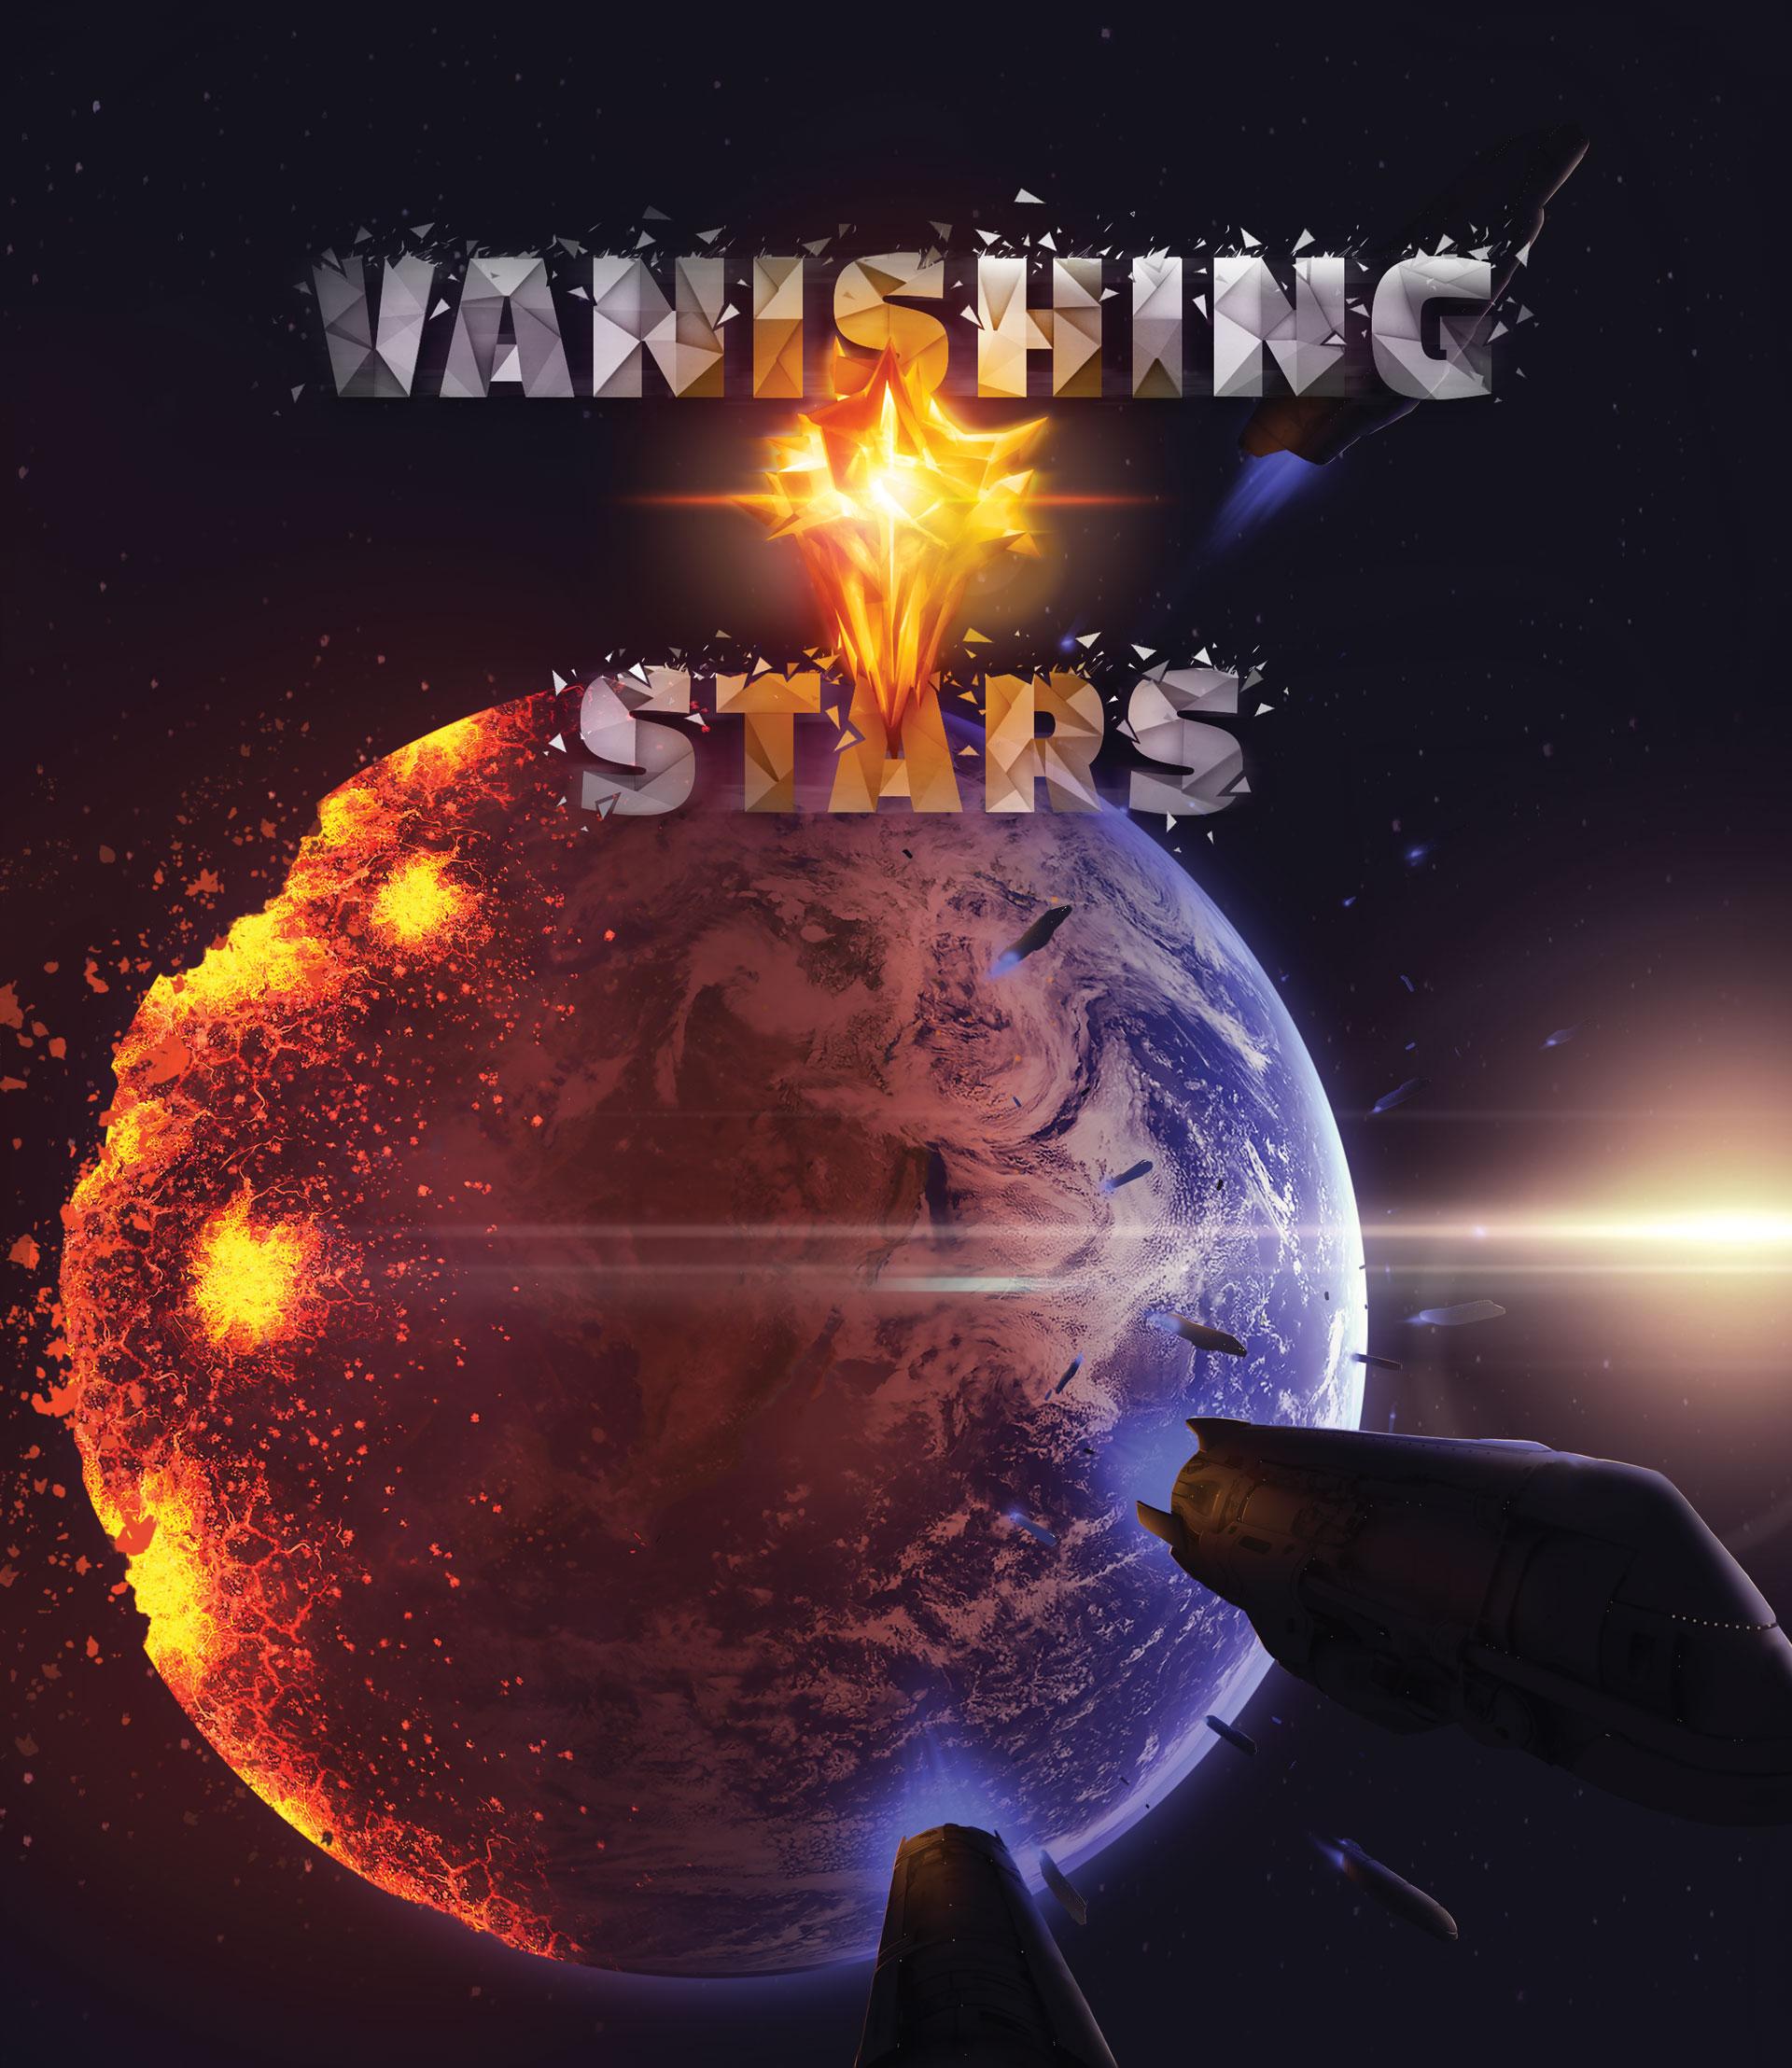 Vanishing Stars